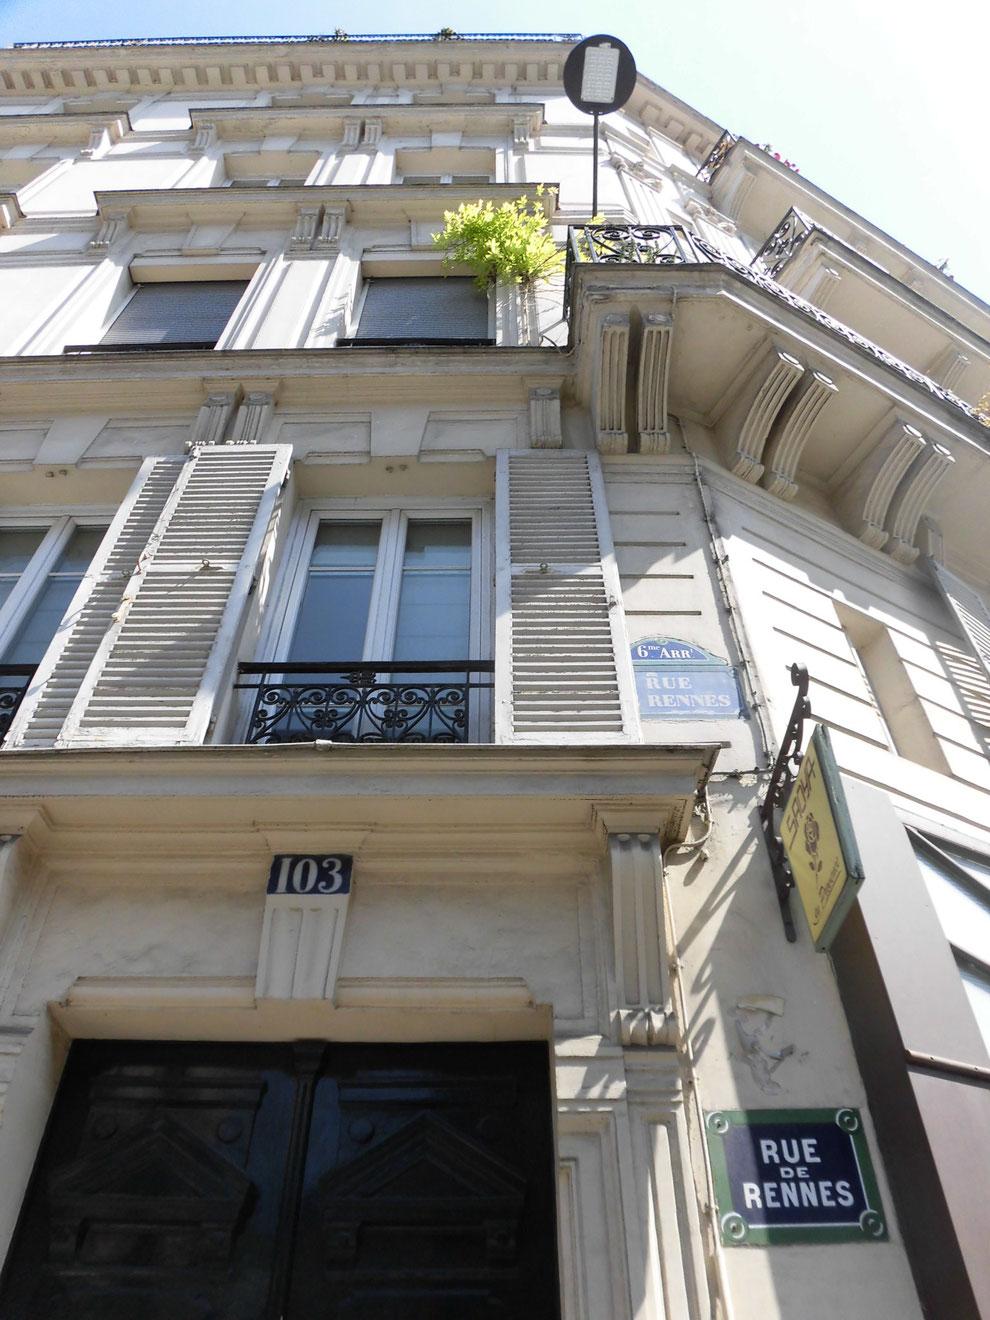 レンヌ通りの建物の鎧戸